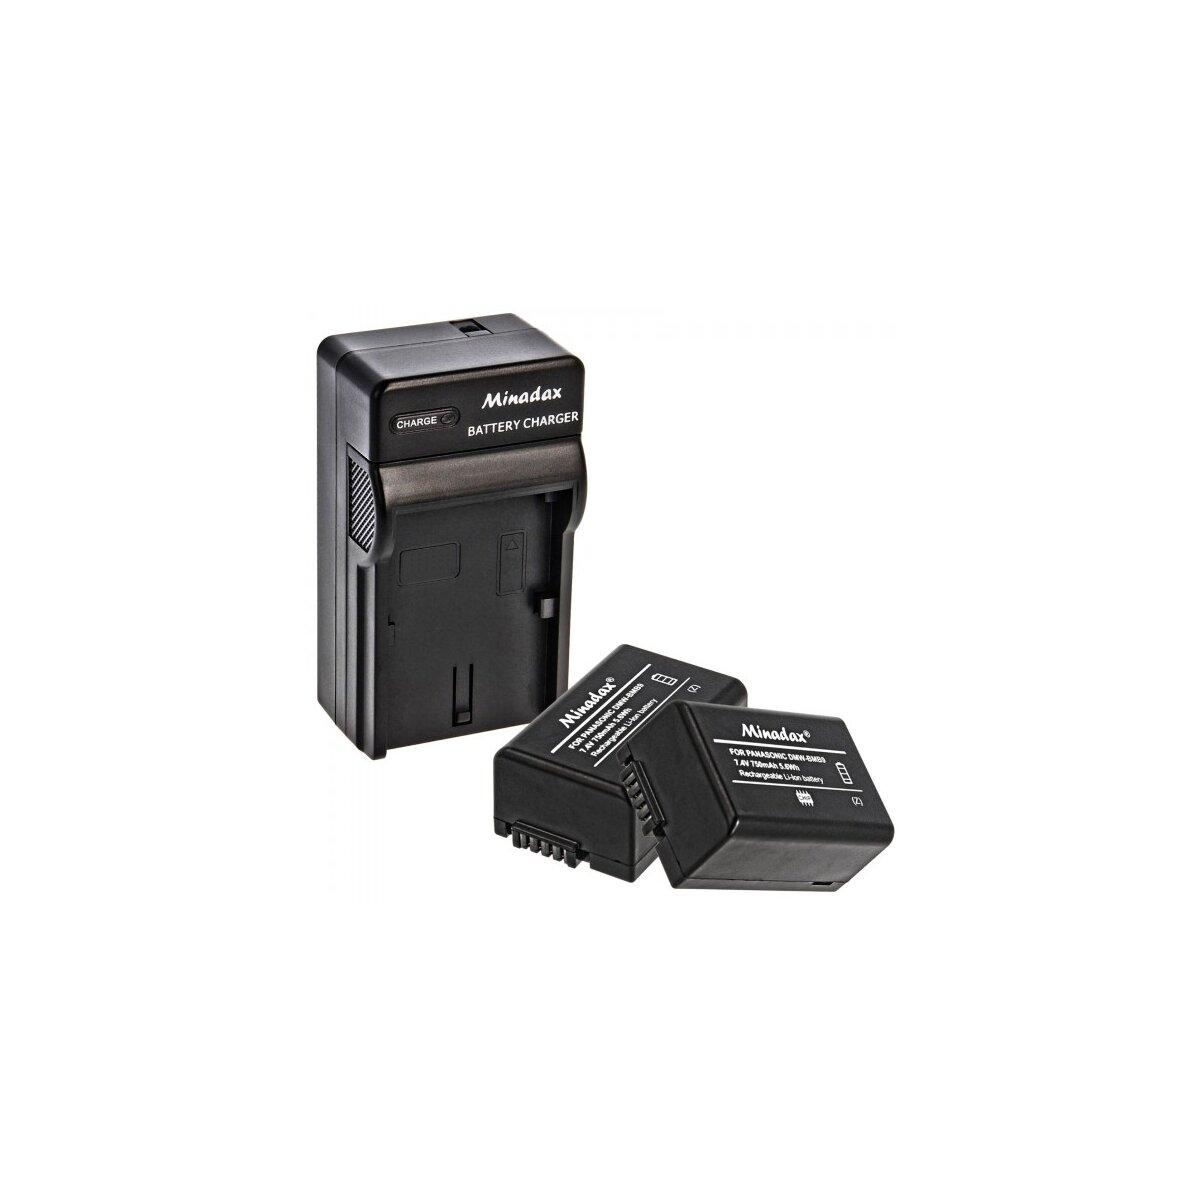 Minadax® Ladegeraet 100% kompatibel fuer Panasonic DMW-BMB9 inkl. Auto Ladekabel, Ladeschale austauschbar + 2x Akku wie DMW-BMB9